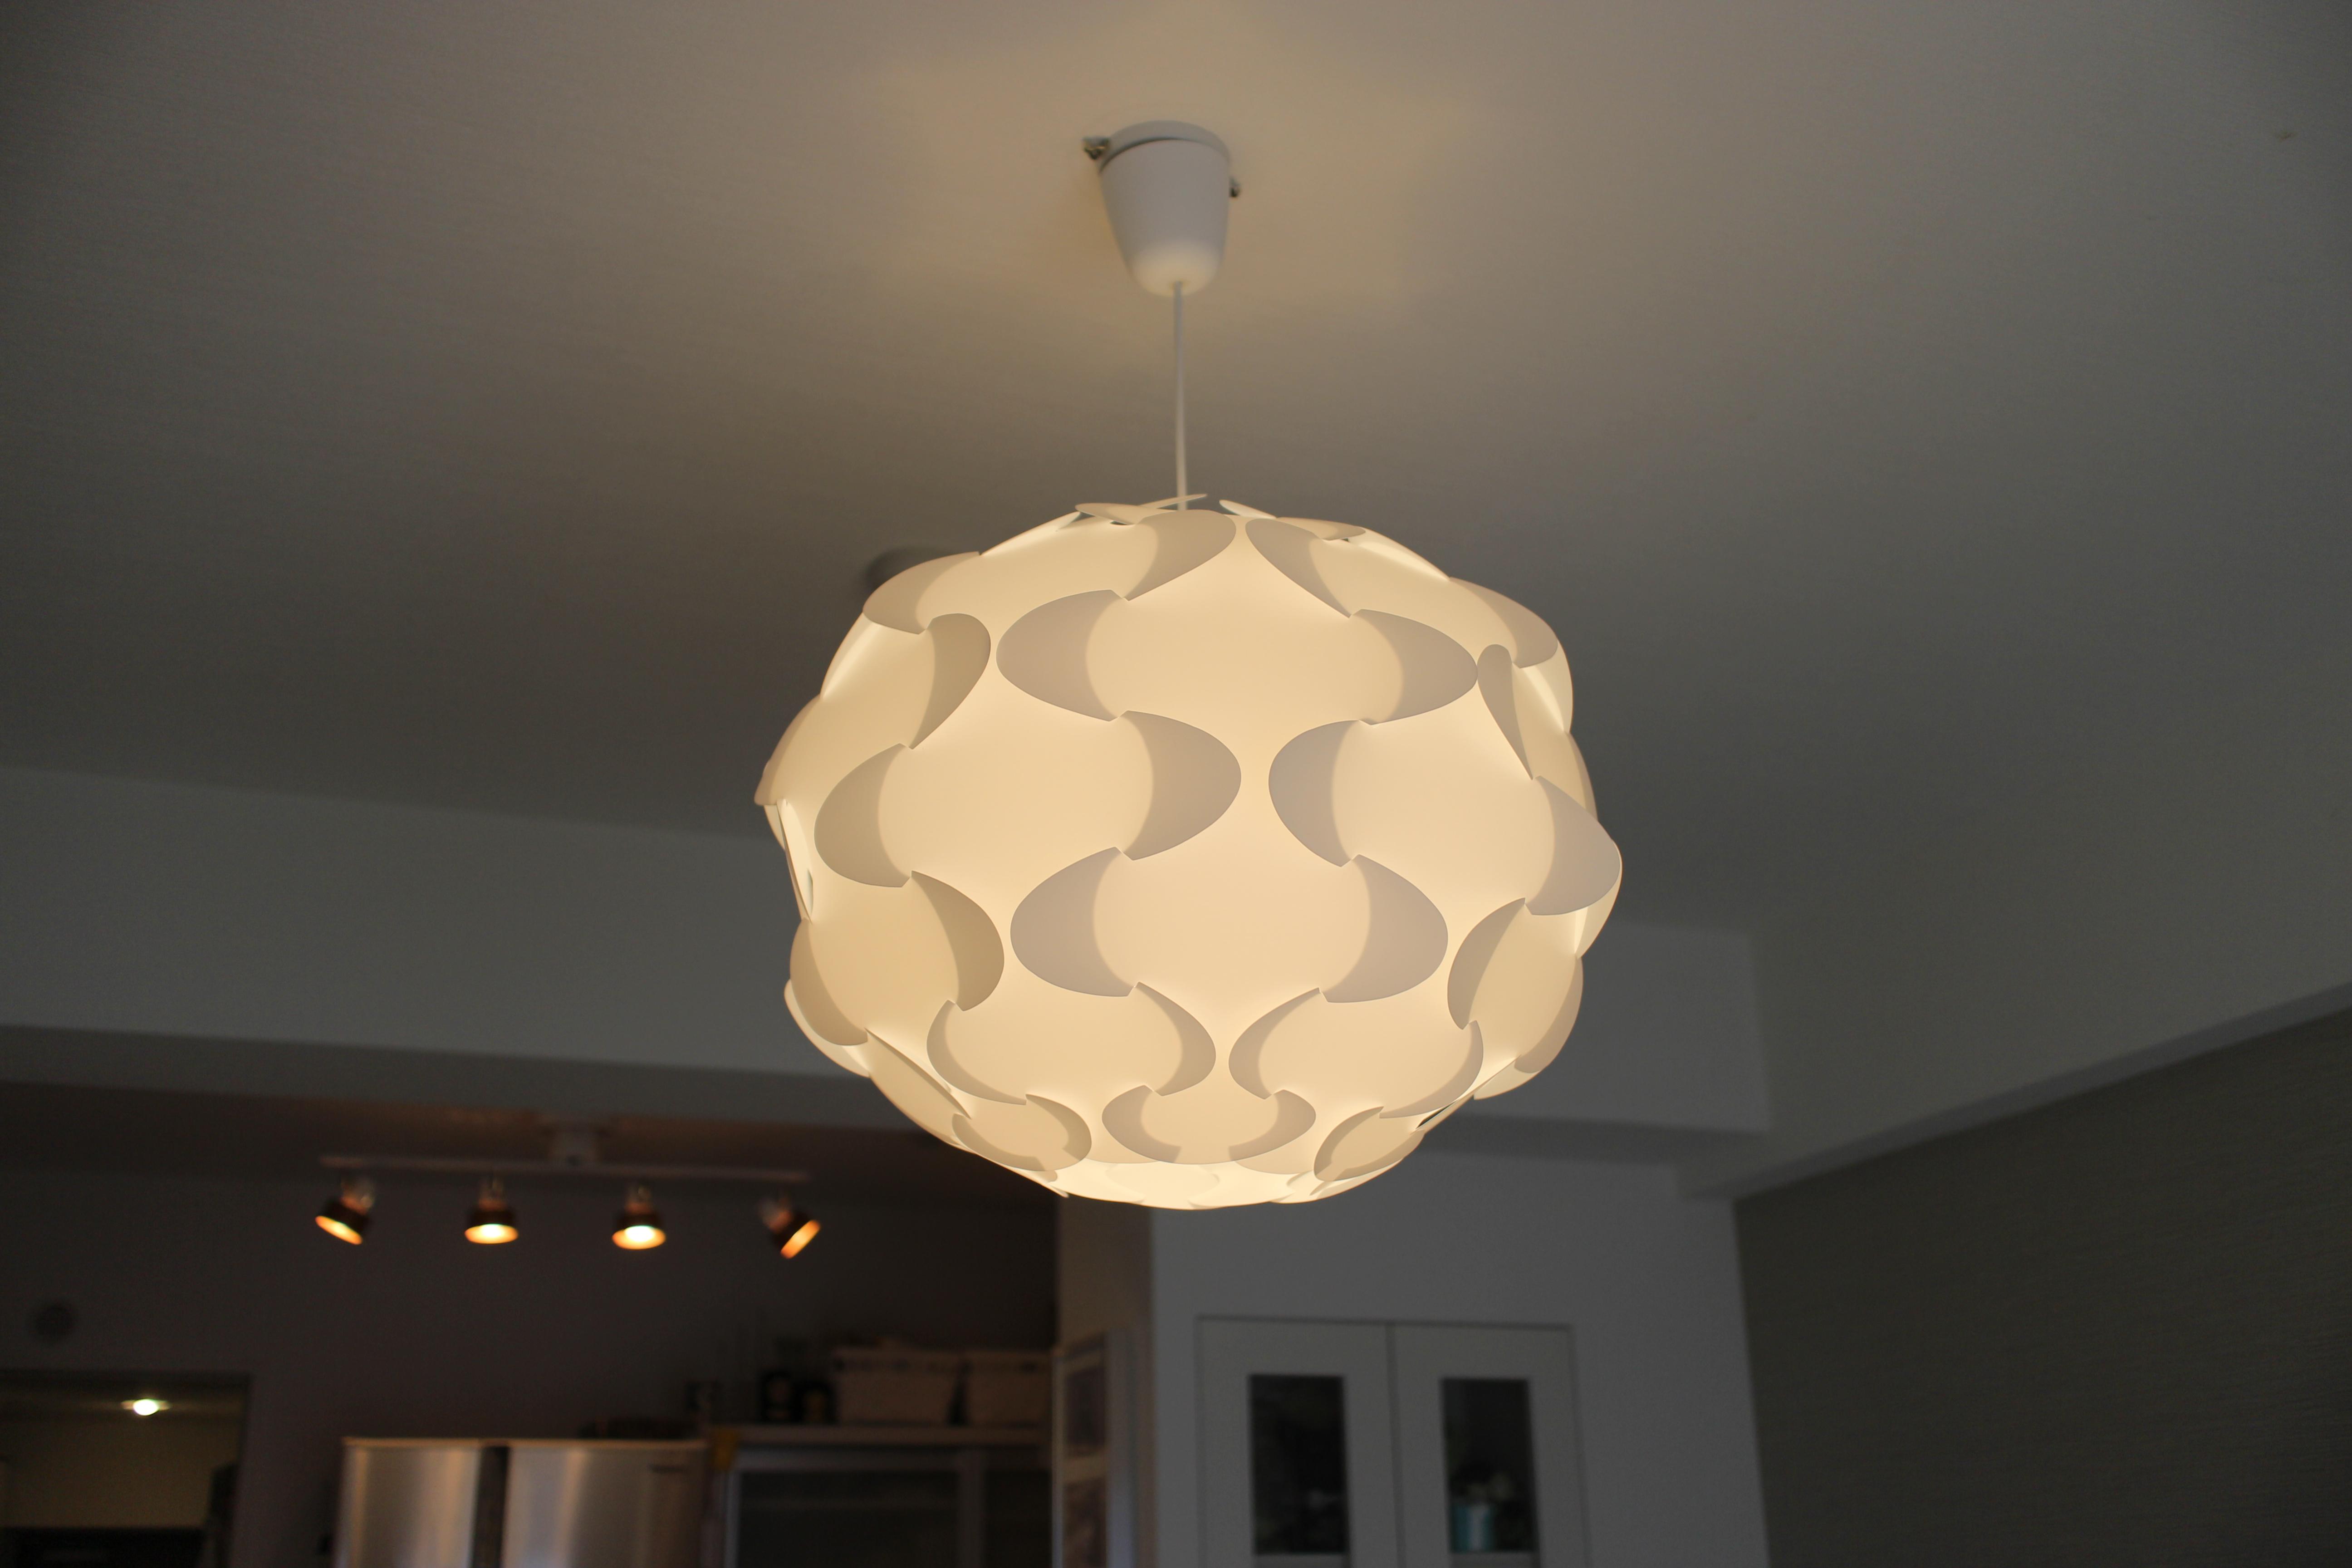 IKEAの照明FILLSTAをつけてみた。